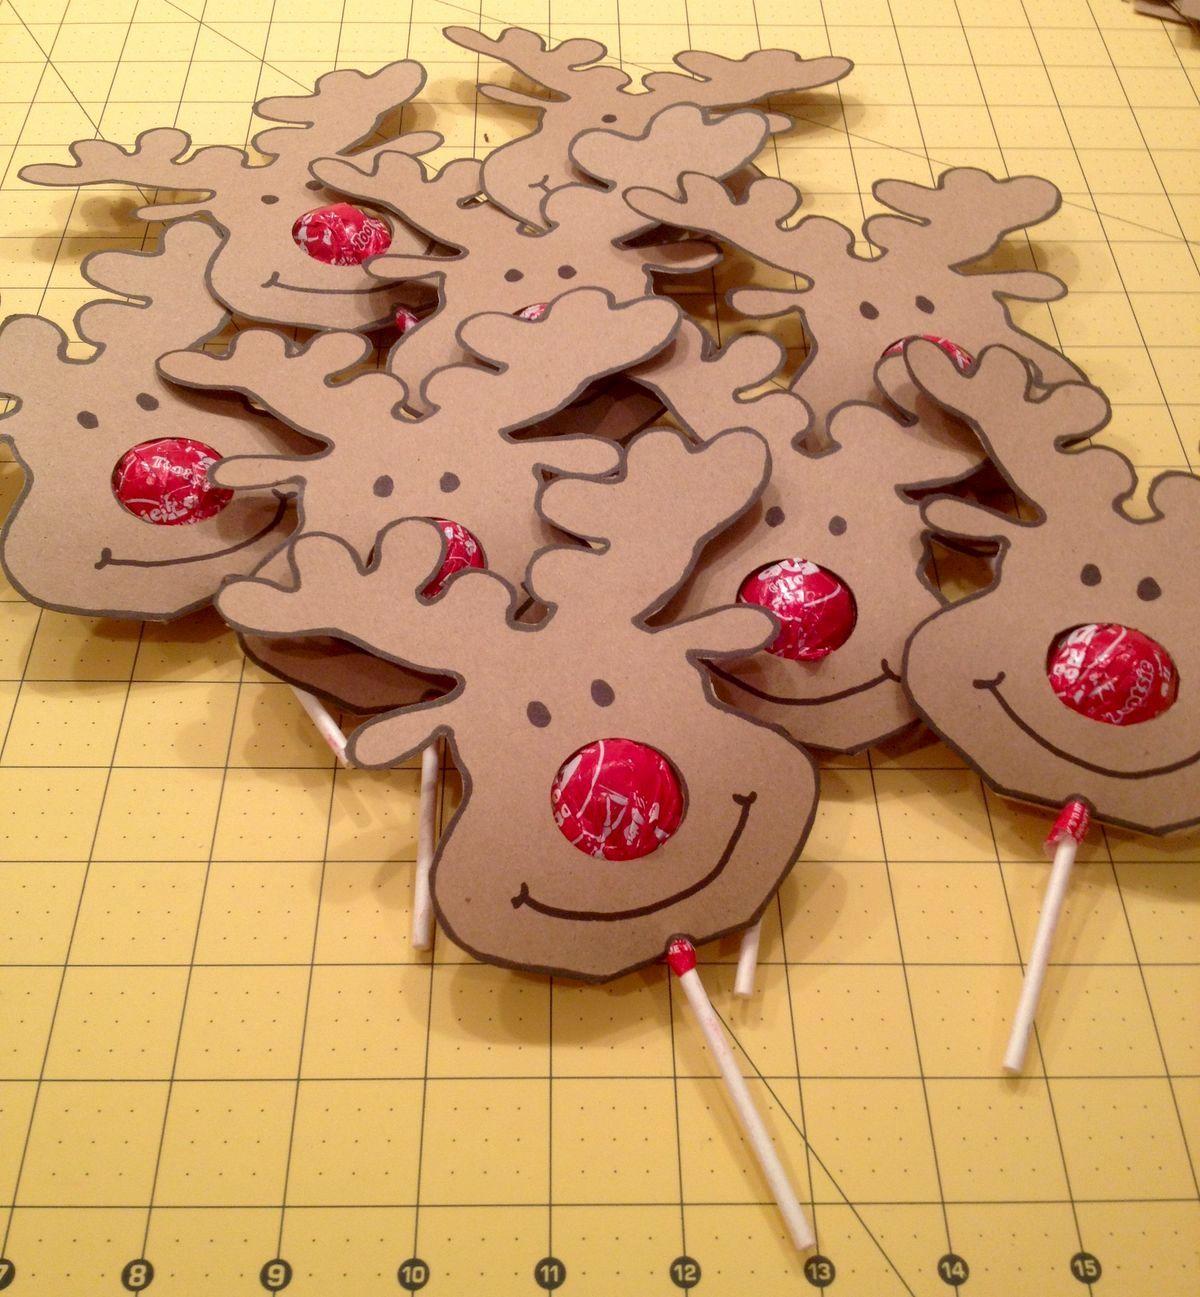 Weihnachtskarten Basteln Mit Kindern Schön 2f31fcf53d0a62d6b3830d650a7c53d0 1 200 —1 297 Pixels #weihnachtskartenbastelnmitkindern